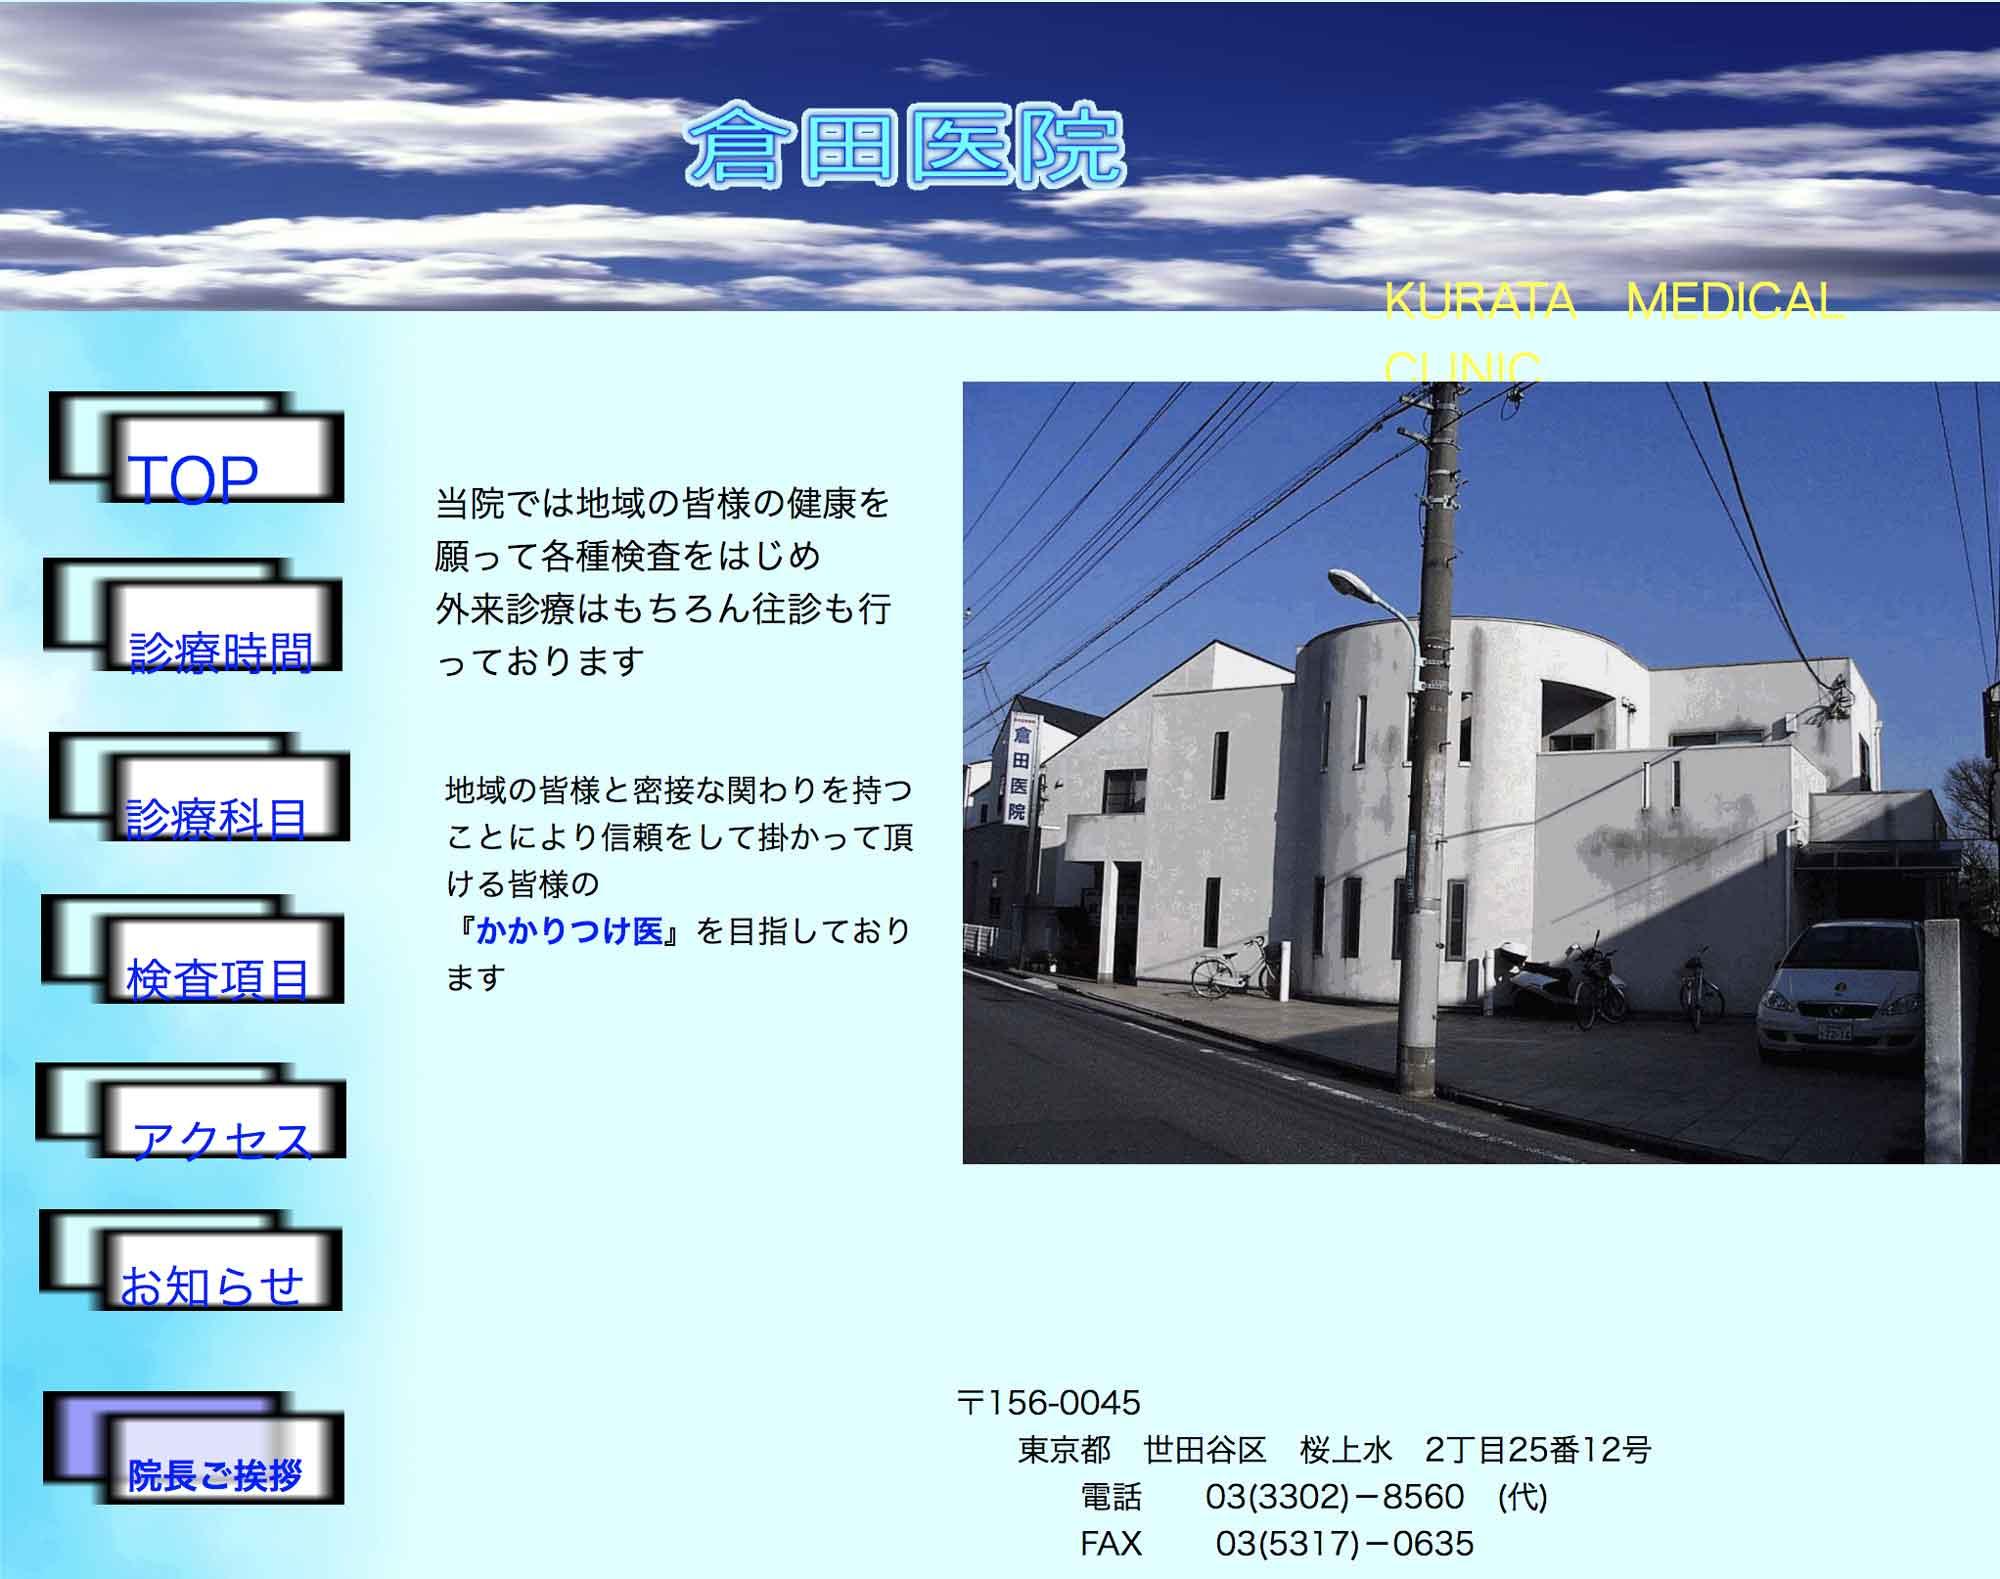 ワードプレスでホームページ作品 before→After:倉田医院